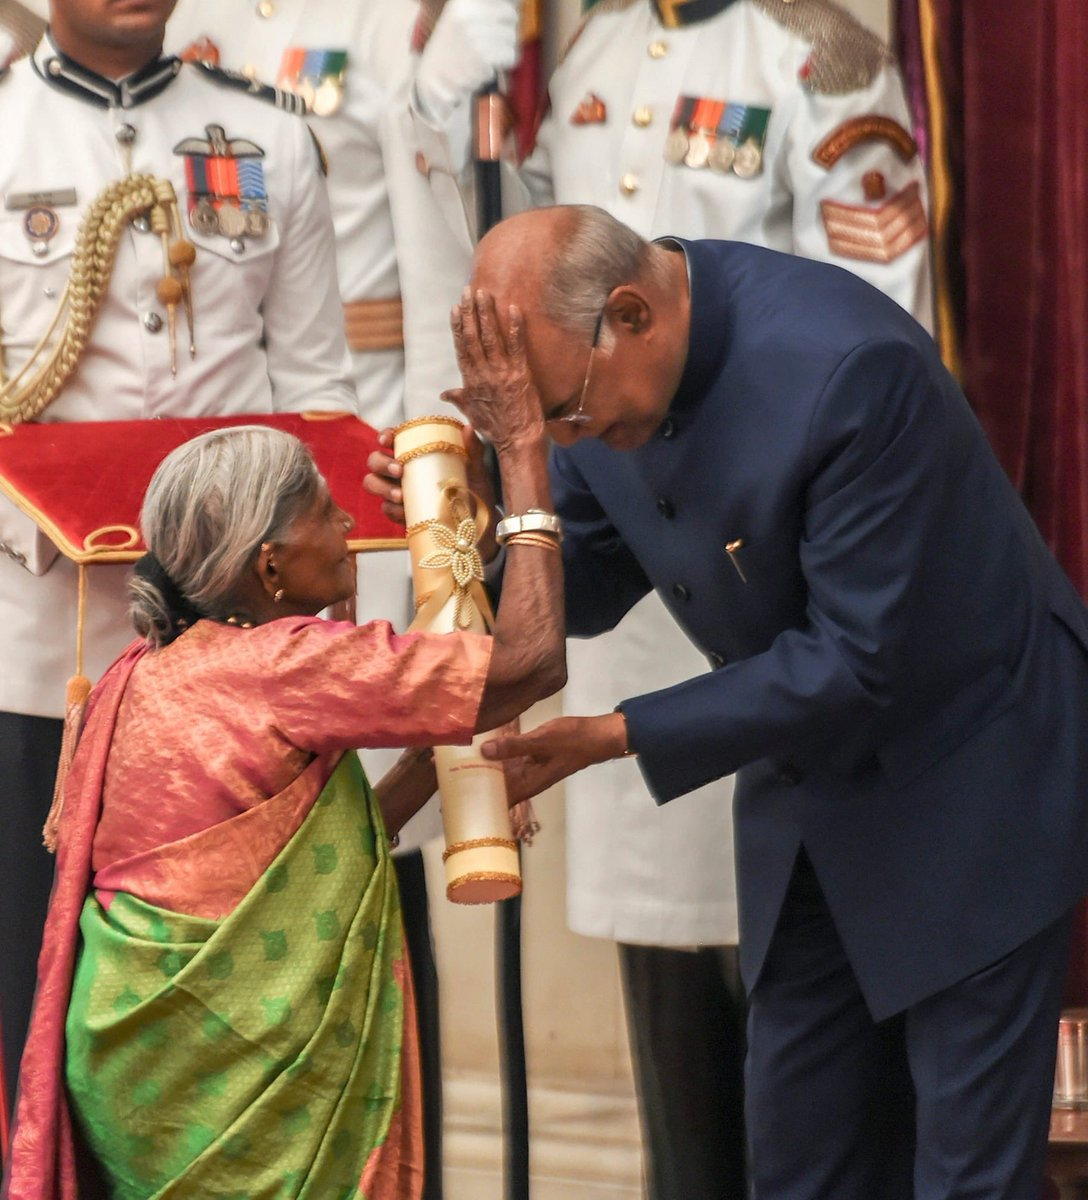 पद्म पुरस्कार जब प्रोटोकॉल तोड़ 'वृक्ष माता' तिम्मक्का ने राष्ट्रपति कोविंद को दिया आशीर्वाद